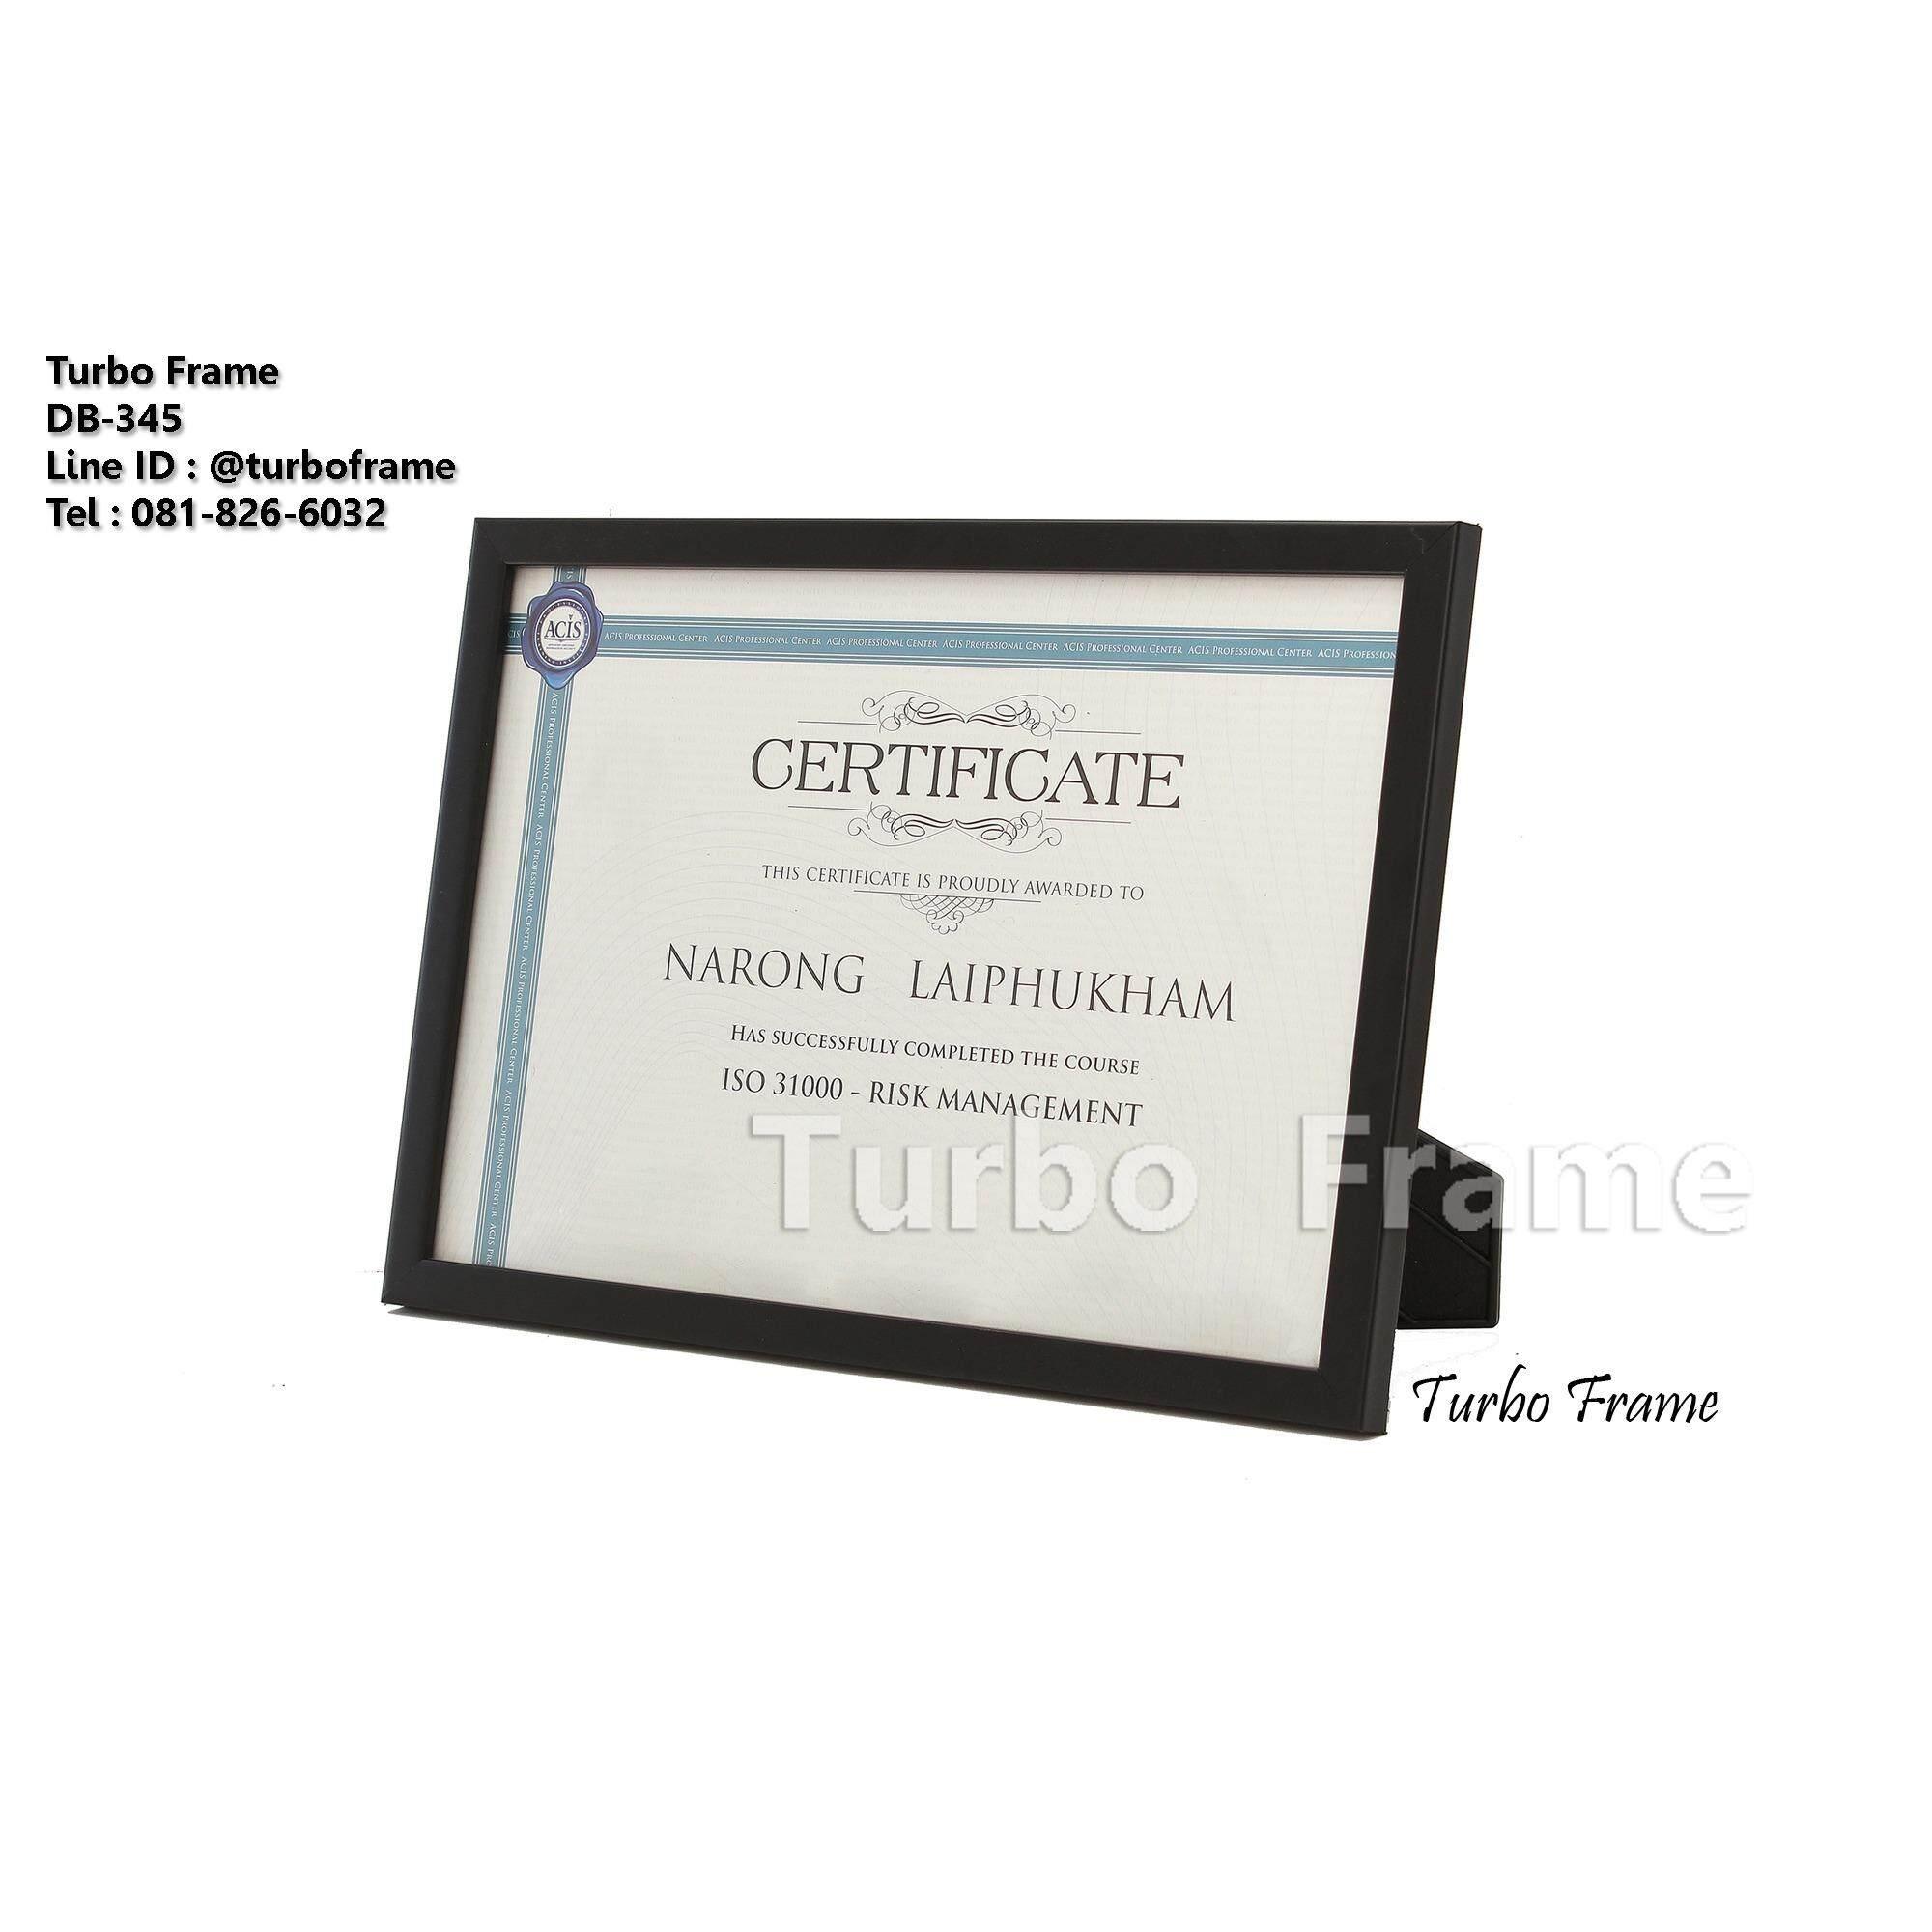 ราคา Turbo Frame กรอบรูปใส่ภาพขนาด A4 ใส่ใบประกาศ สีดำ ออนไลน์ กรุงเทพมหานคร